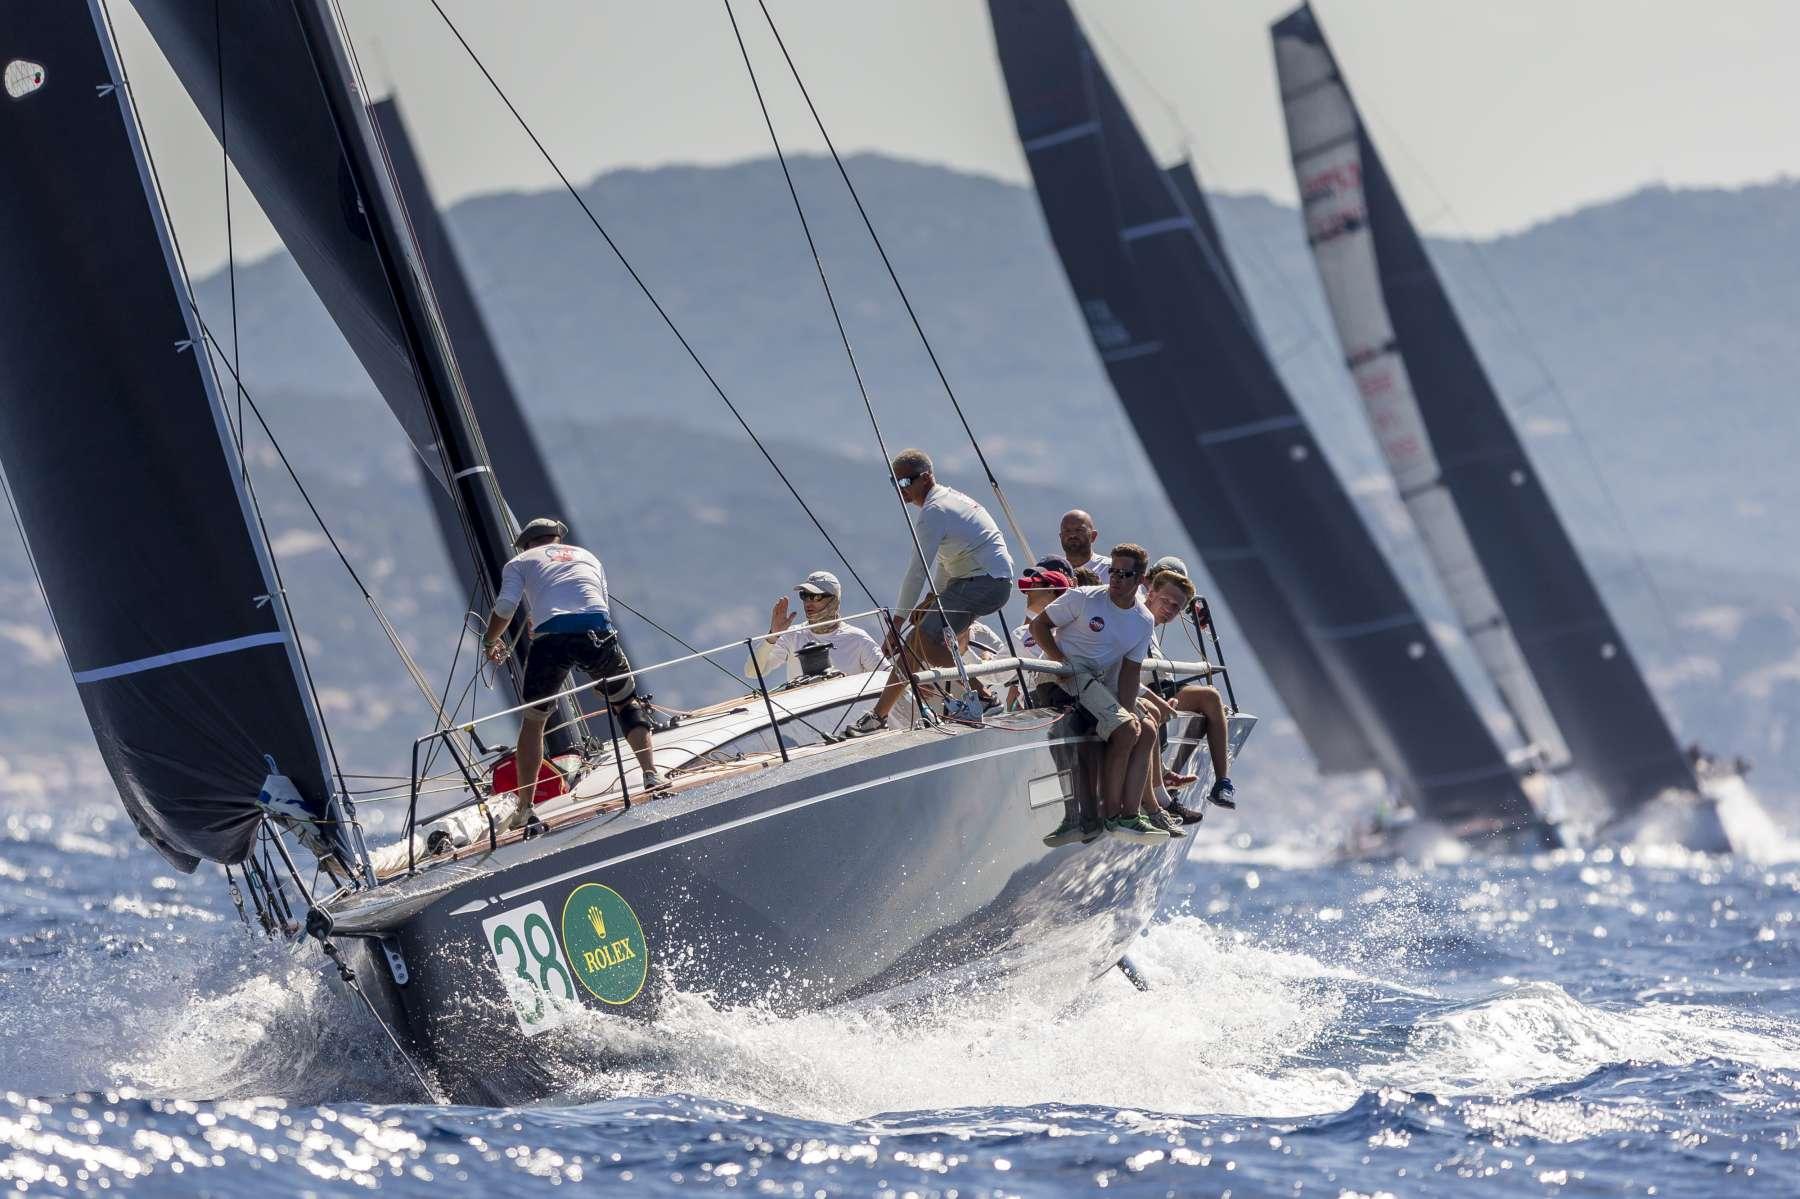 La Flotta della Rolex Swan Cup impegnata oggi nella Islands Long Race - NEWS - Yacht Club Costa Smeralda